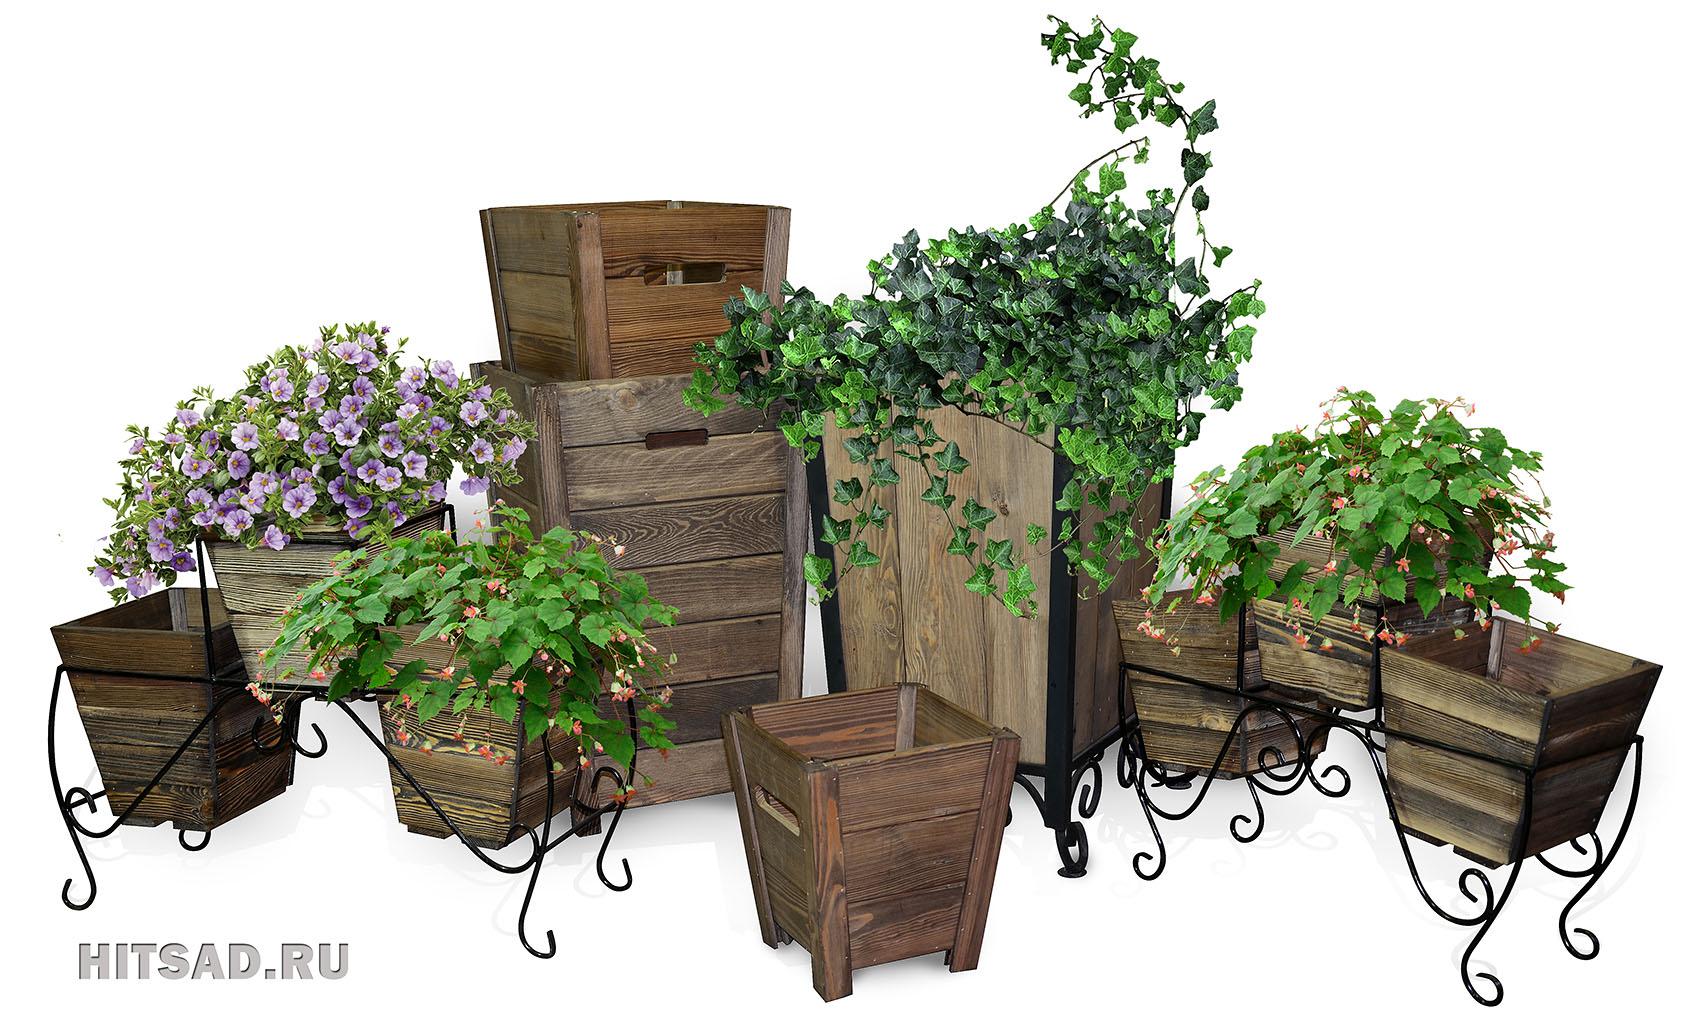 Вазоны для цветов уличные купить в спб